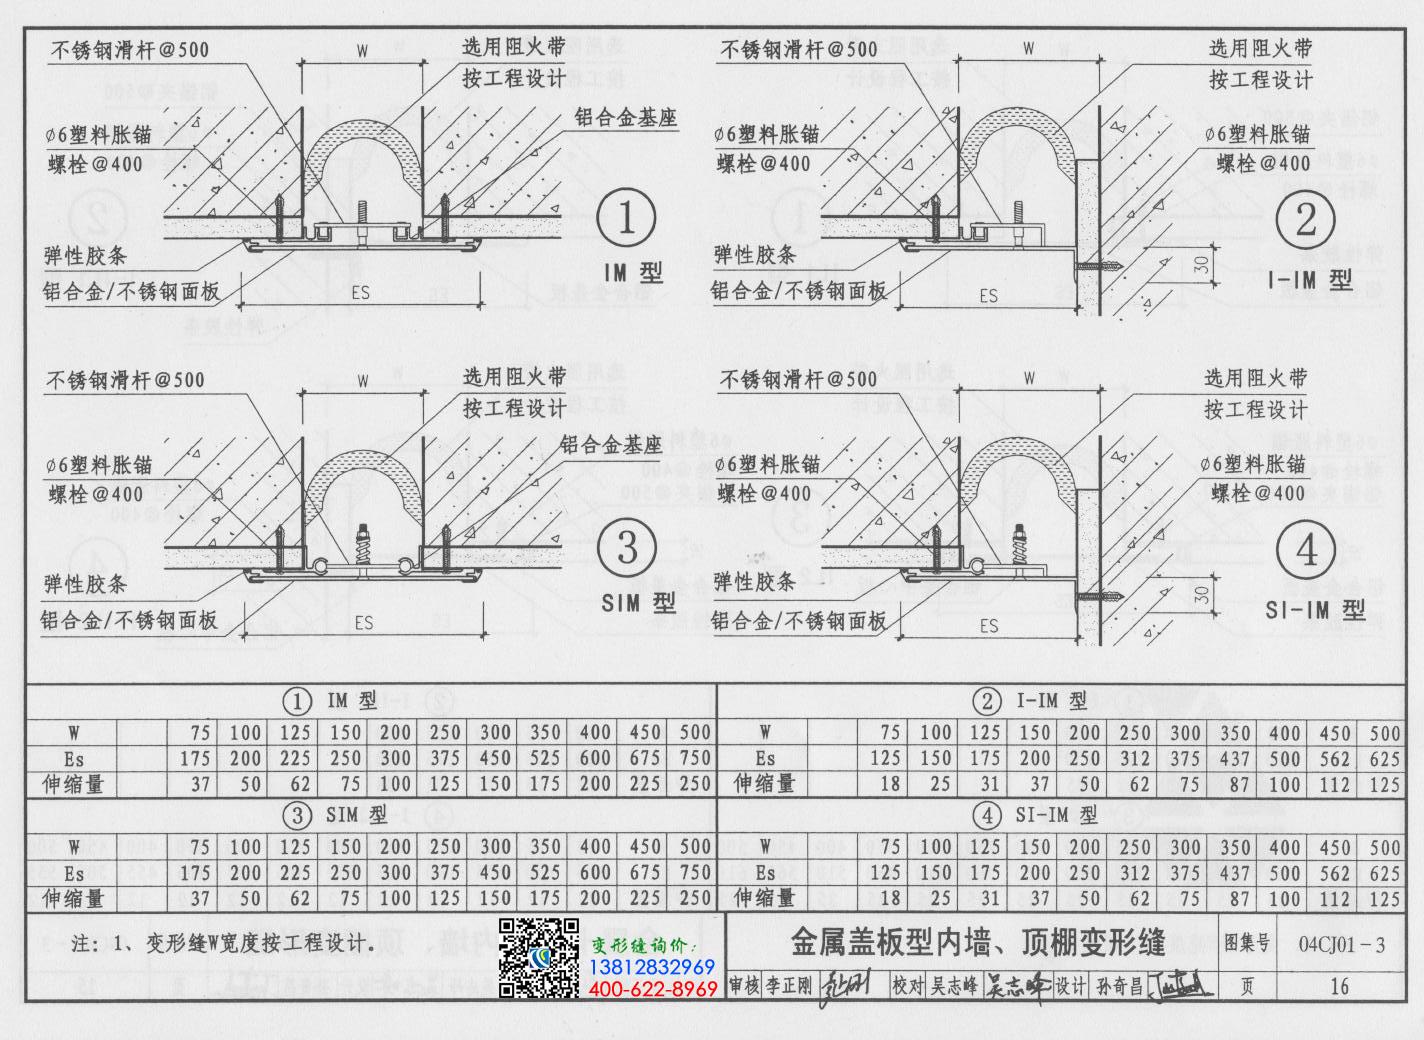 变形缝图集04cj01-3第16页:金属盖板型内墙、顶棚变形缝